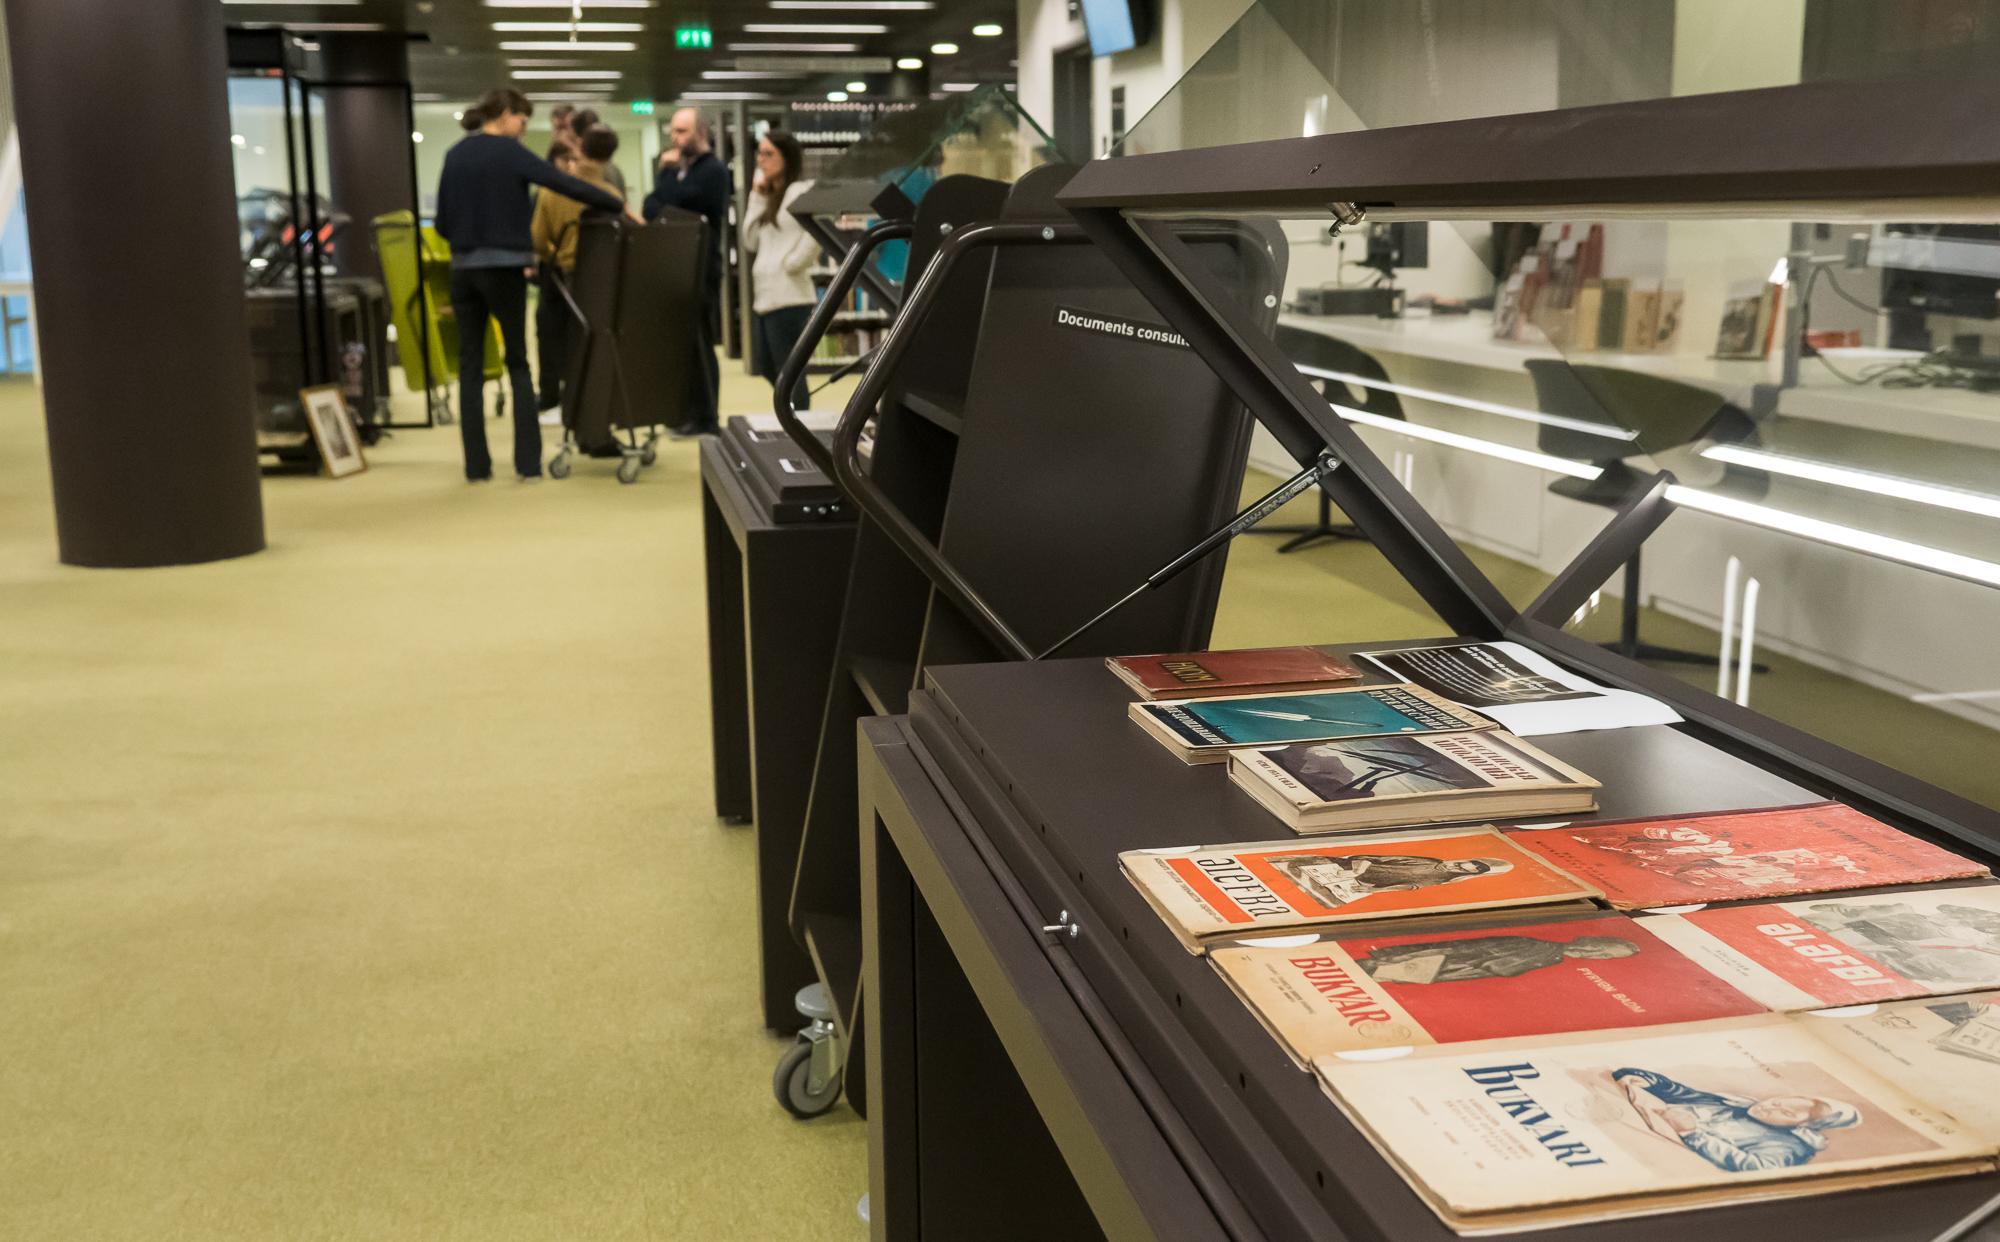 Vue de l'exposition en cours de montage